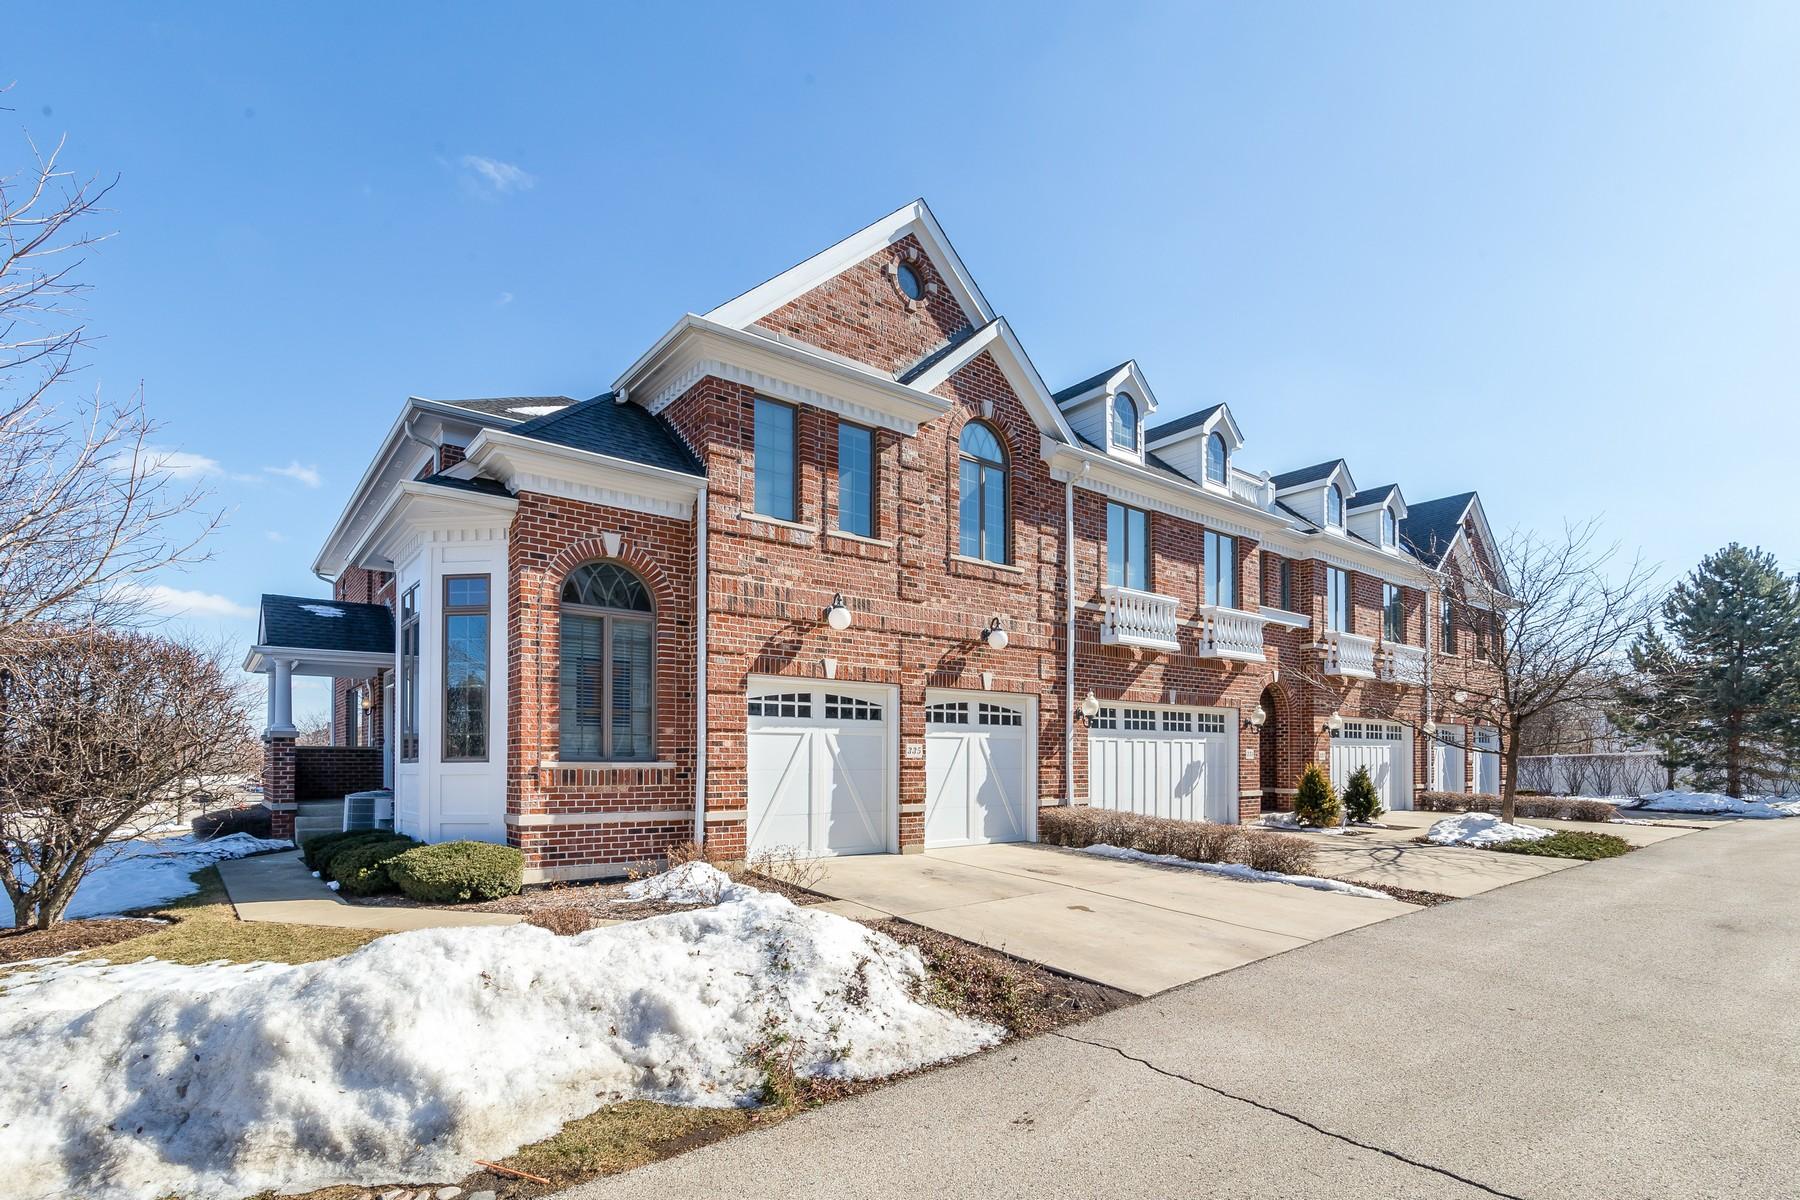 一戸建て のために 売買 アット Fabulous luxurious townhome 335 Arbor Glen Boulevard, Schaumburg, イリノイ, 60195 アメリカ合衆国